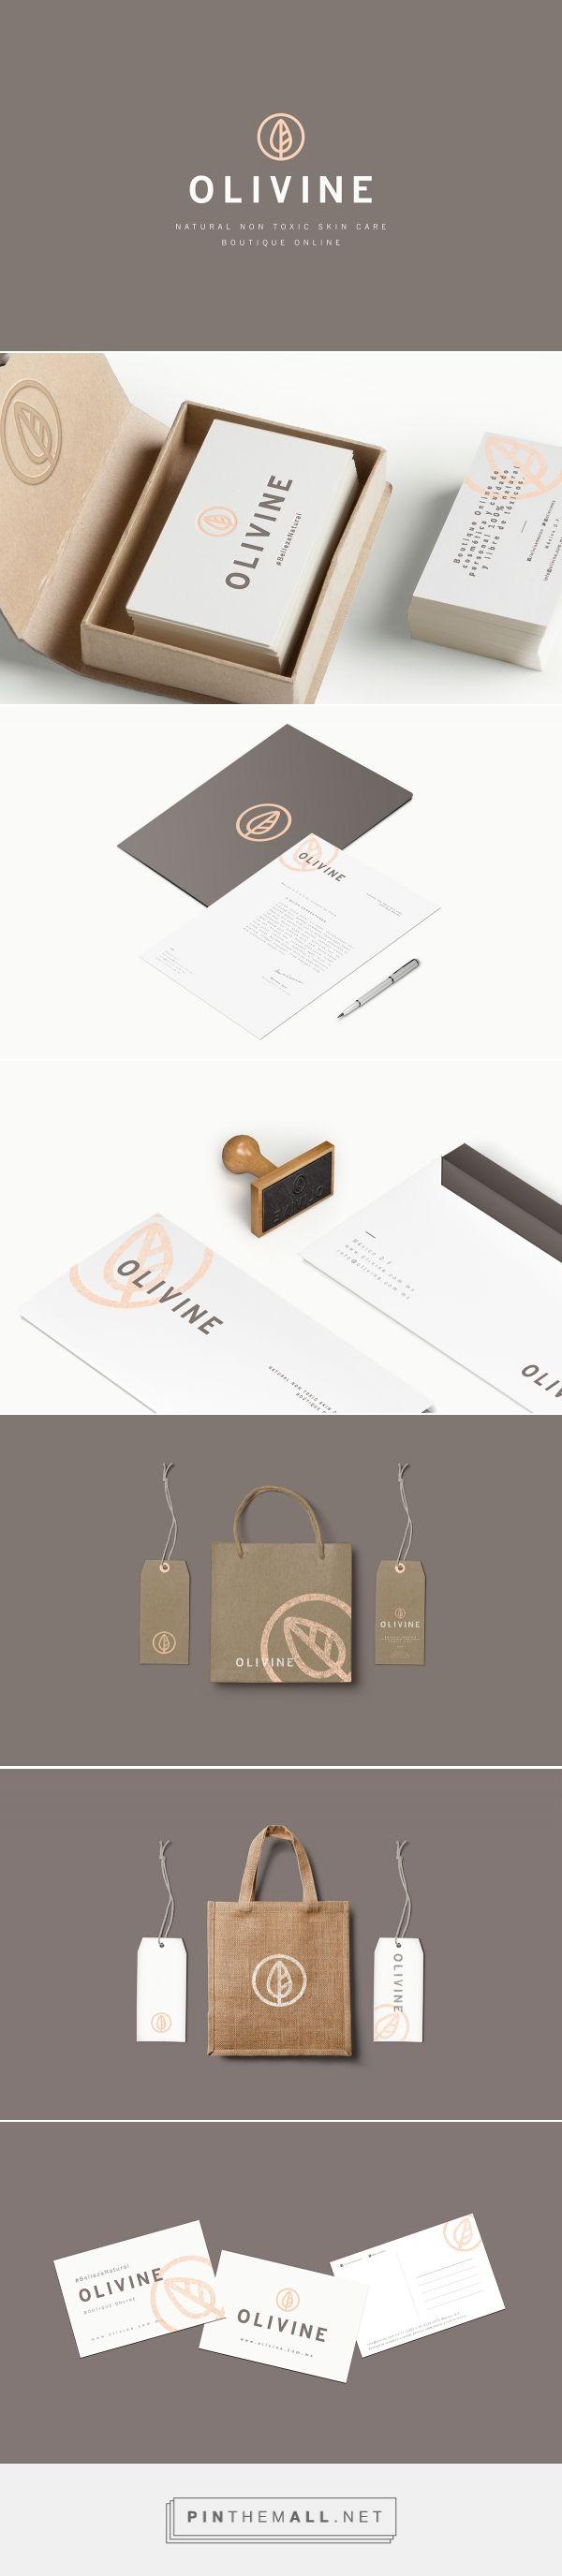 OLIVINE on Behance | Fivestar Branding – Design and Branding Agency & Inspiration Gallery